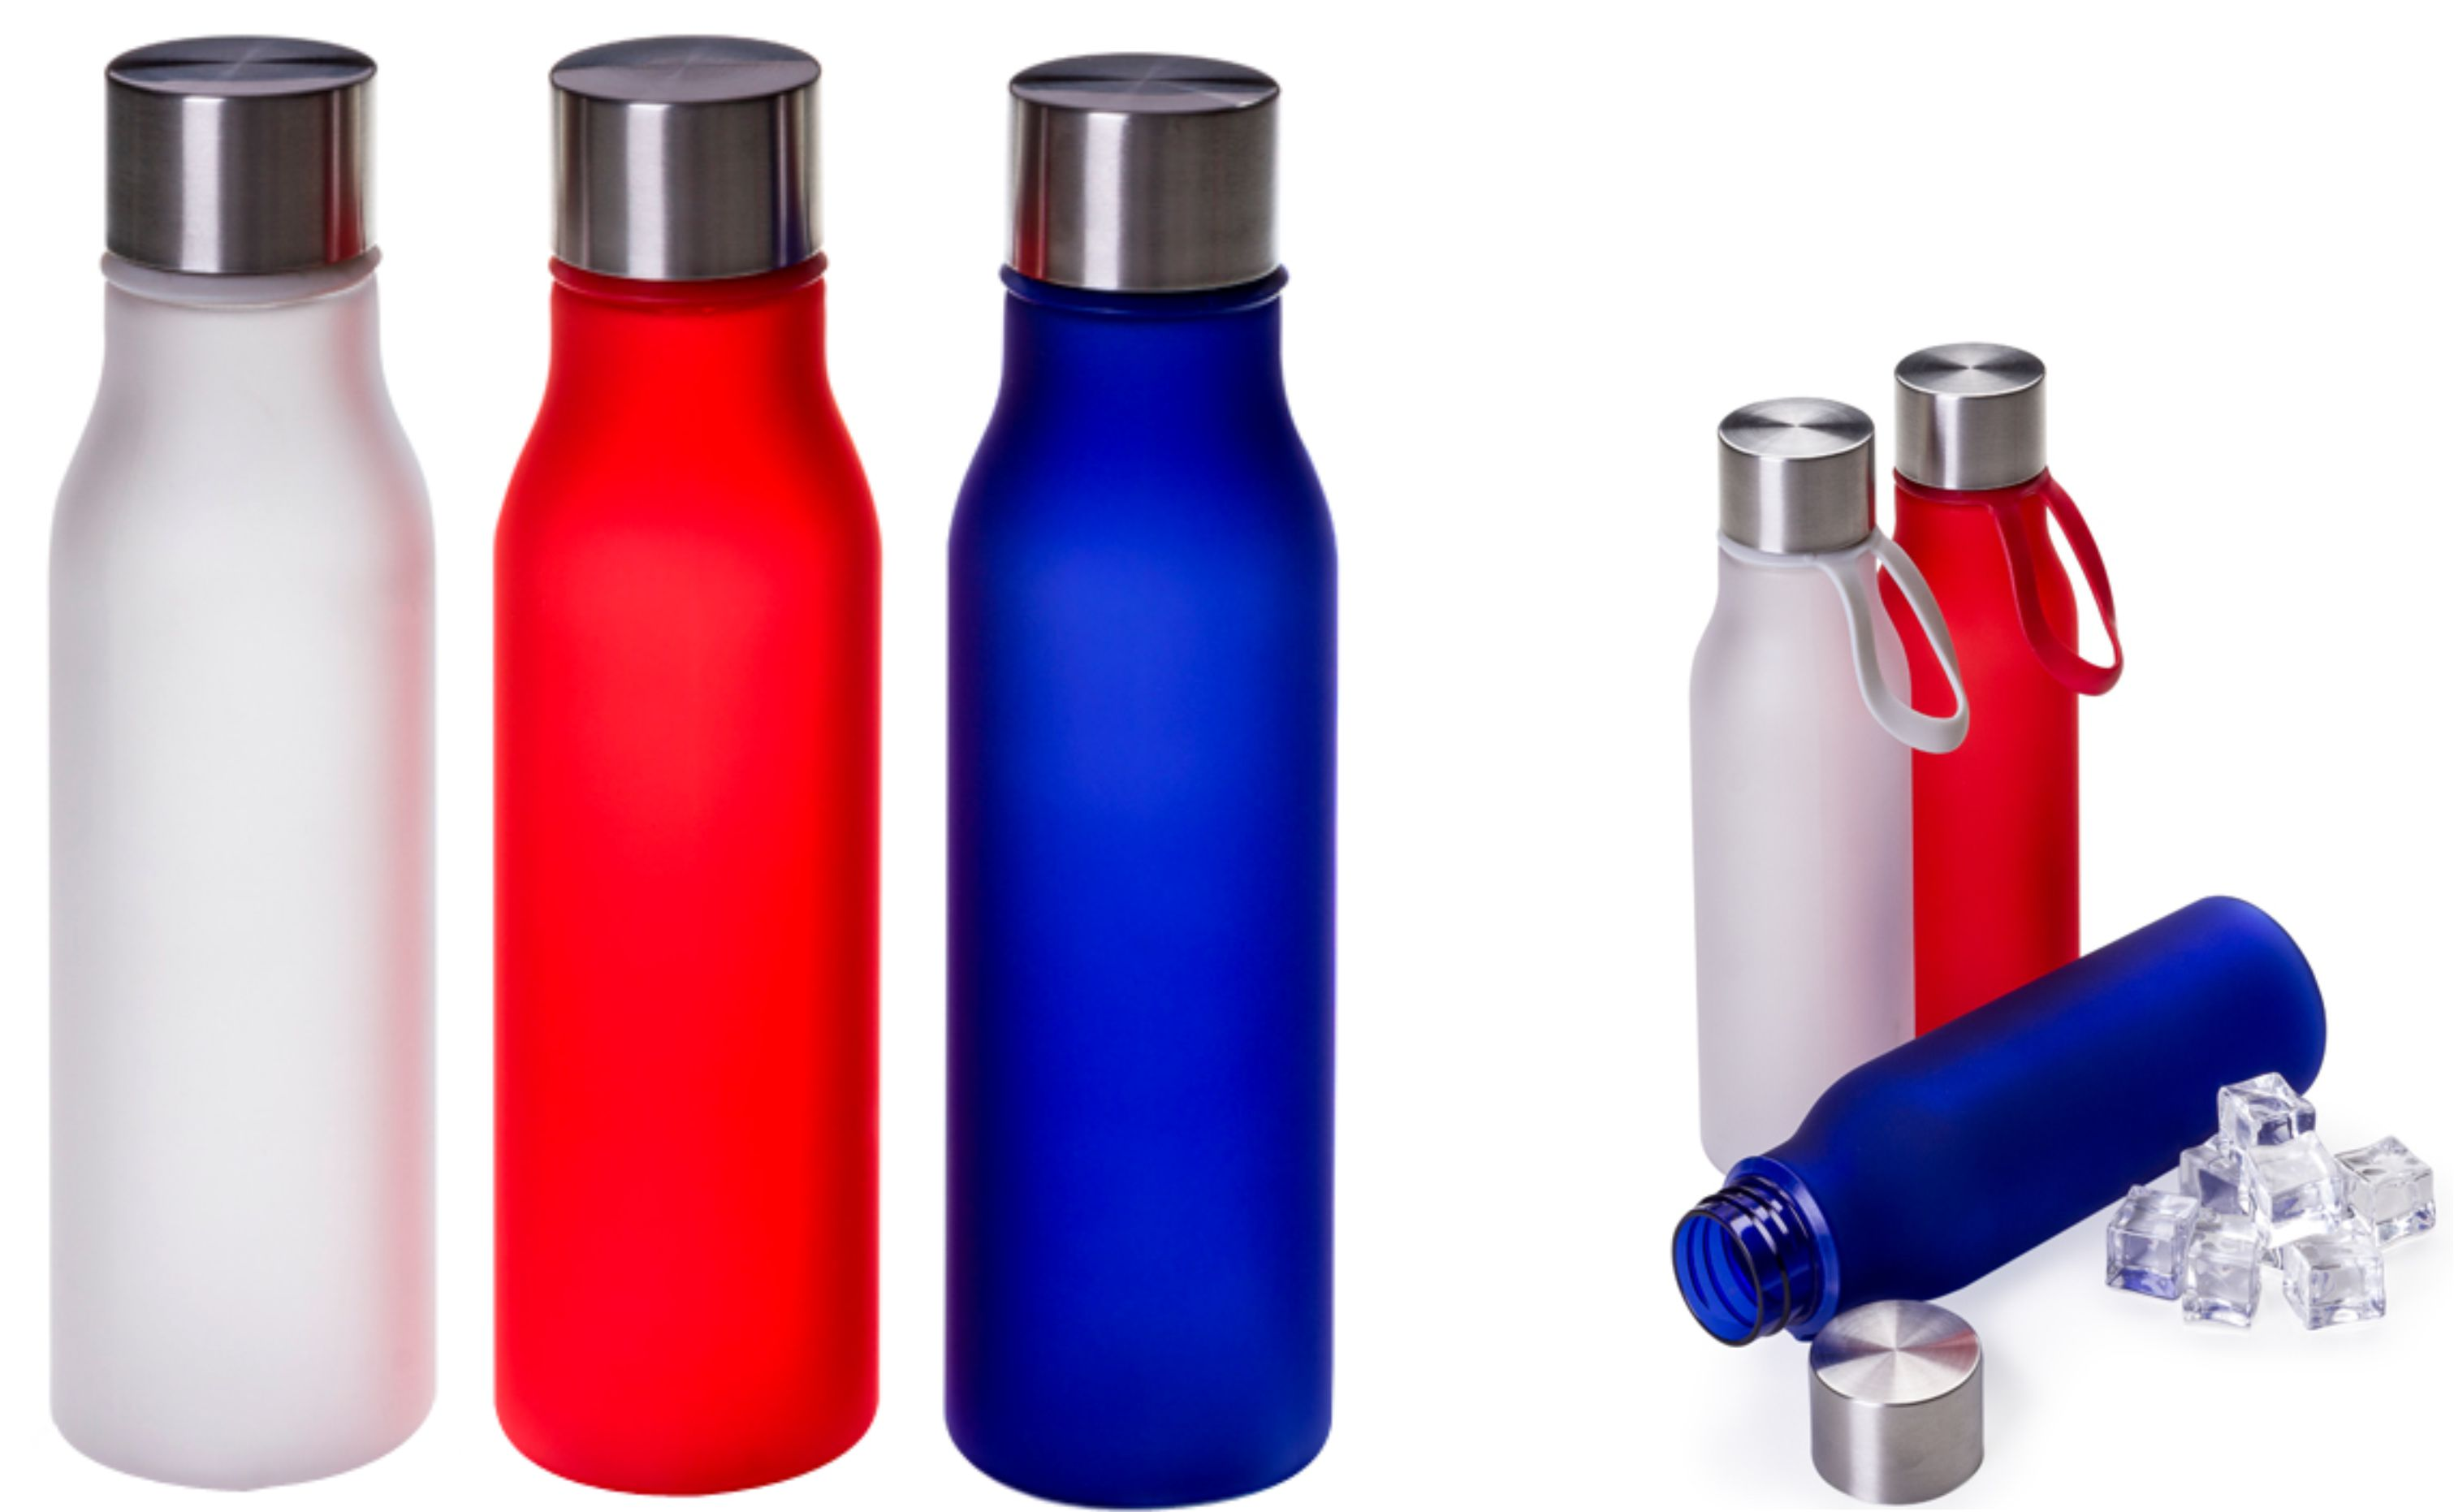 SM13LK – Squeeze Corpo translucido – Para brindes